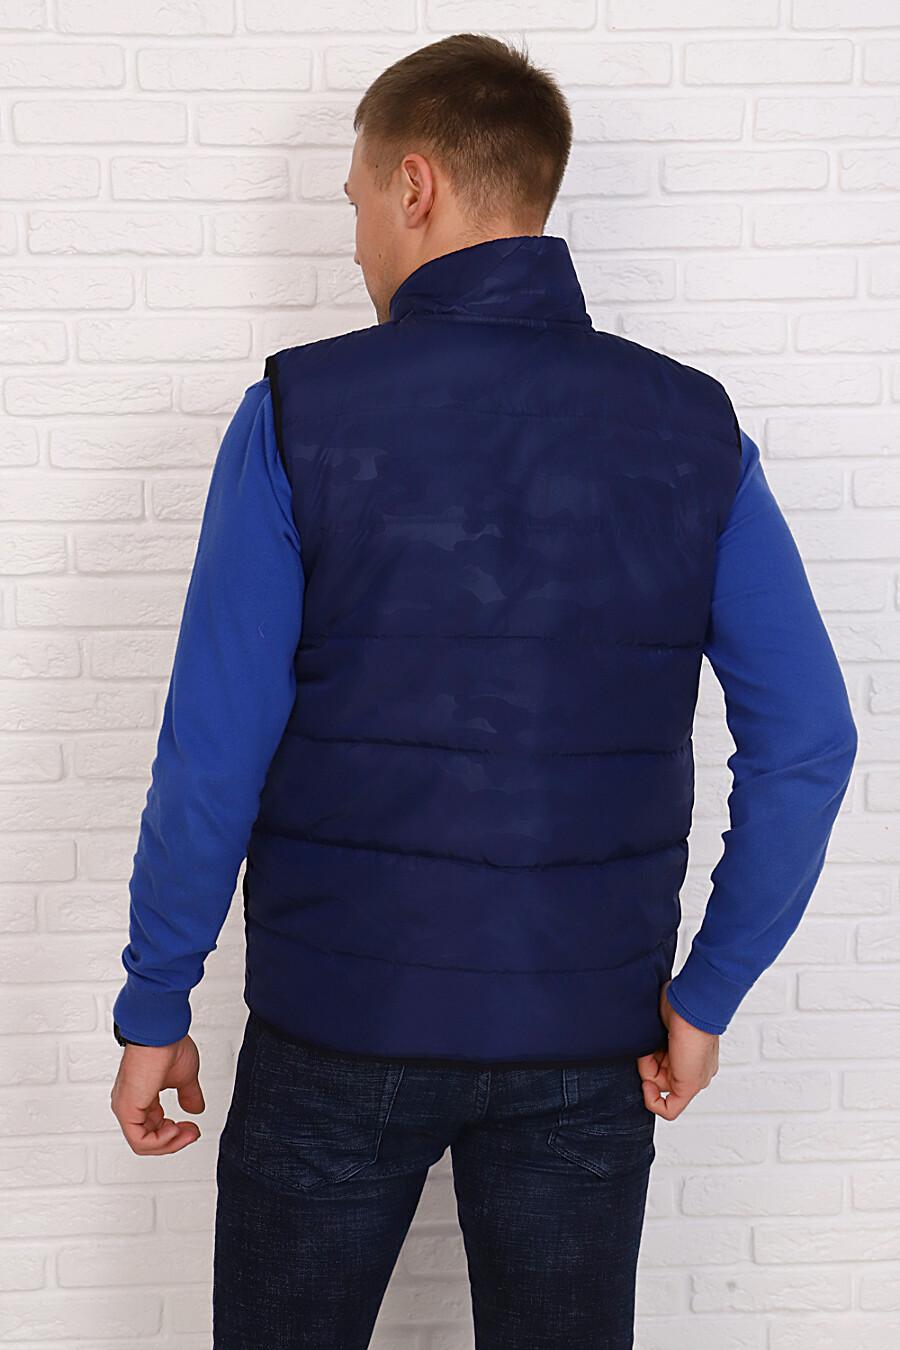 Жилет 4939 для мужчин НАТАЛИ 683252 купить оптом от производителя. Совместная покупка мужской одежды в OptMoyo